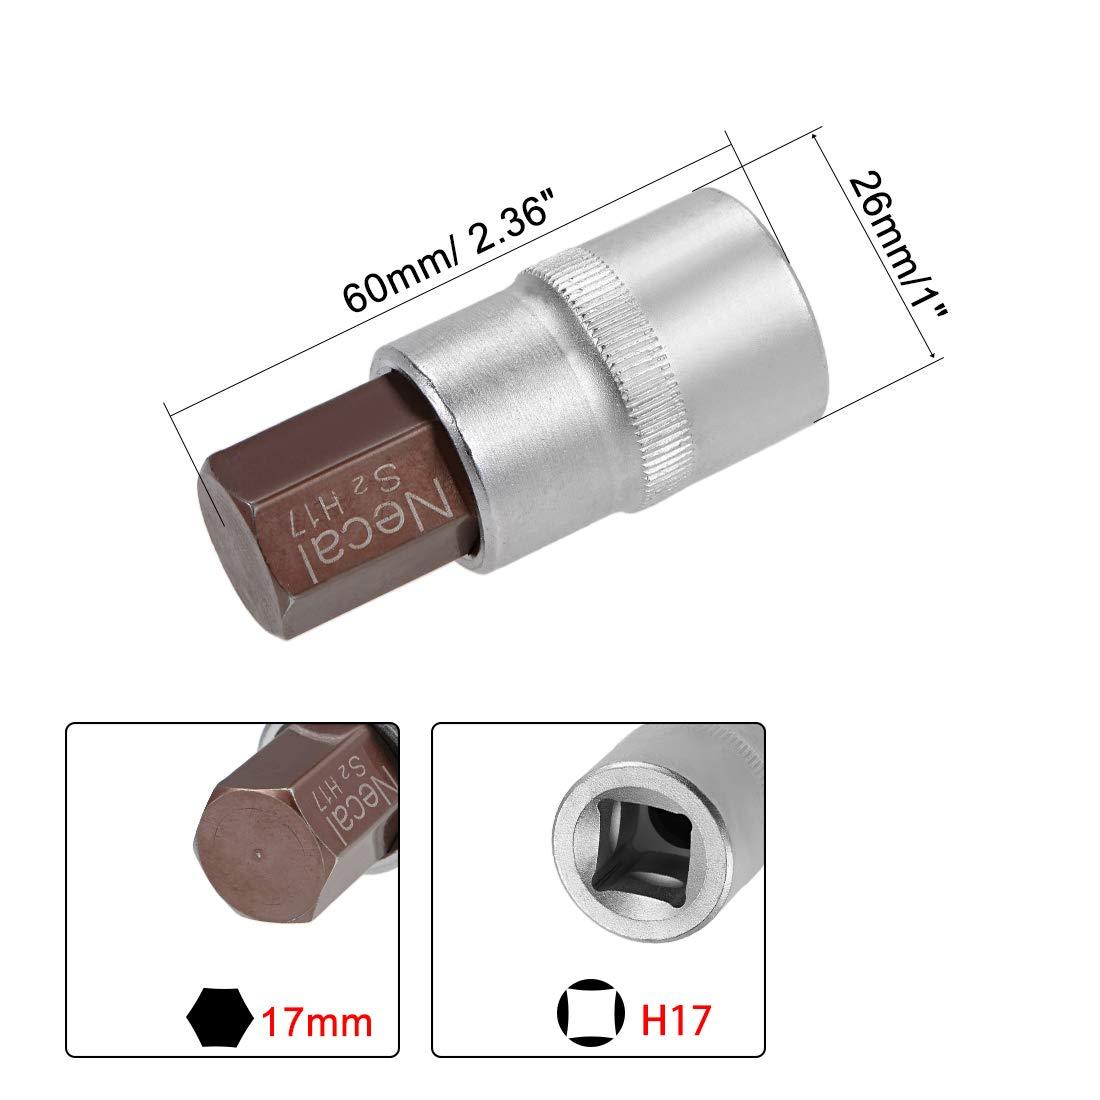 uxcell 2Pcs 3//8-Inch Drive T50 Torx Bit Socket S2 Steel